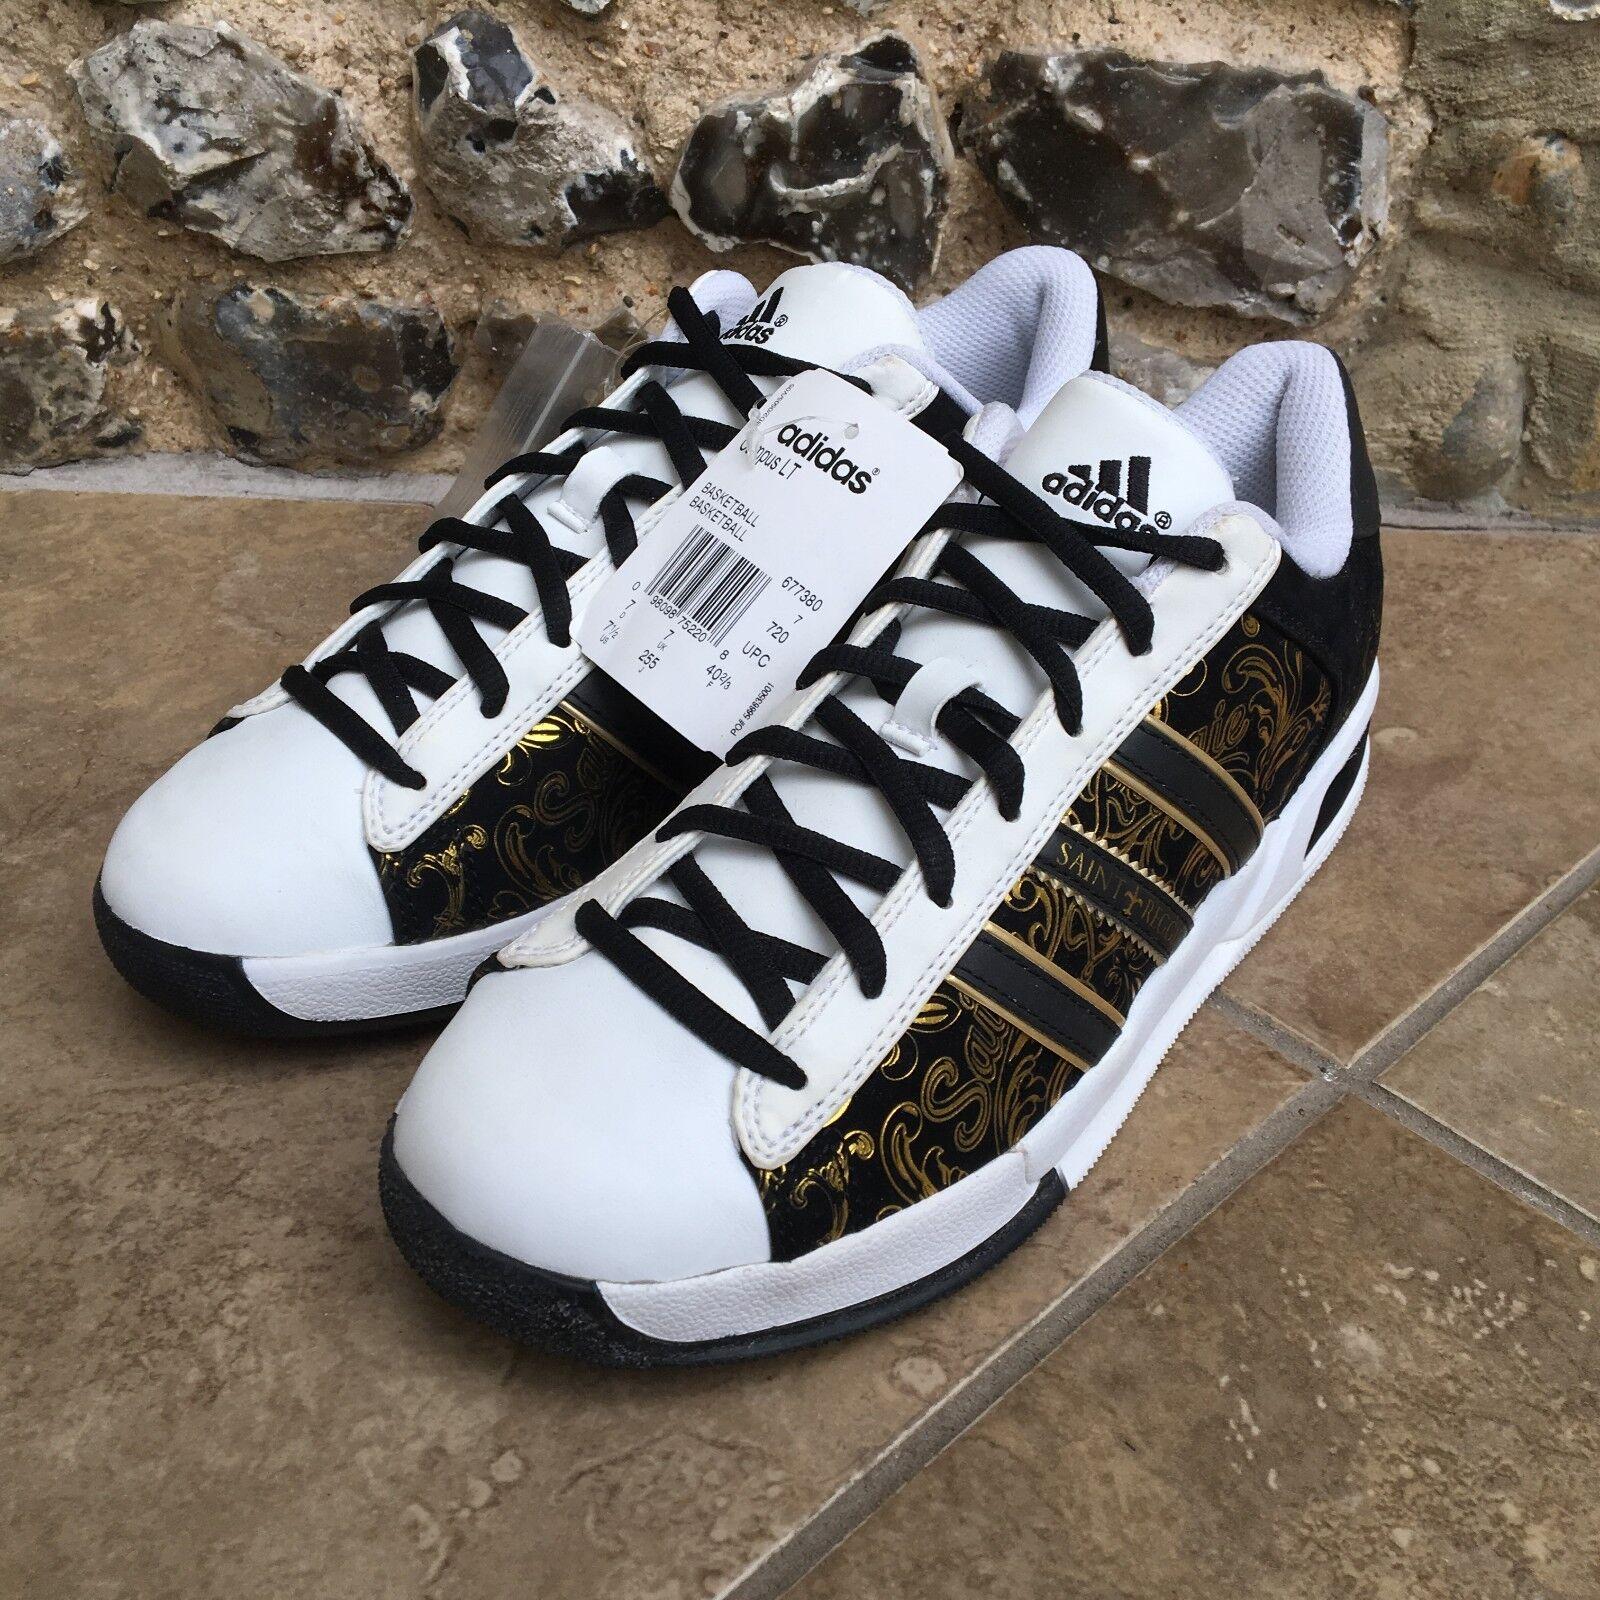 Scarpe da ginnastica ADIDAS misura 7 Regno Unito Bianco & & & Nero Campus LT Basket Scarpe Saint Reggie 5e8cf9